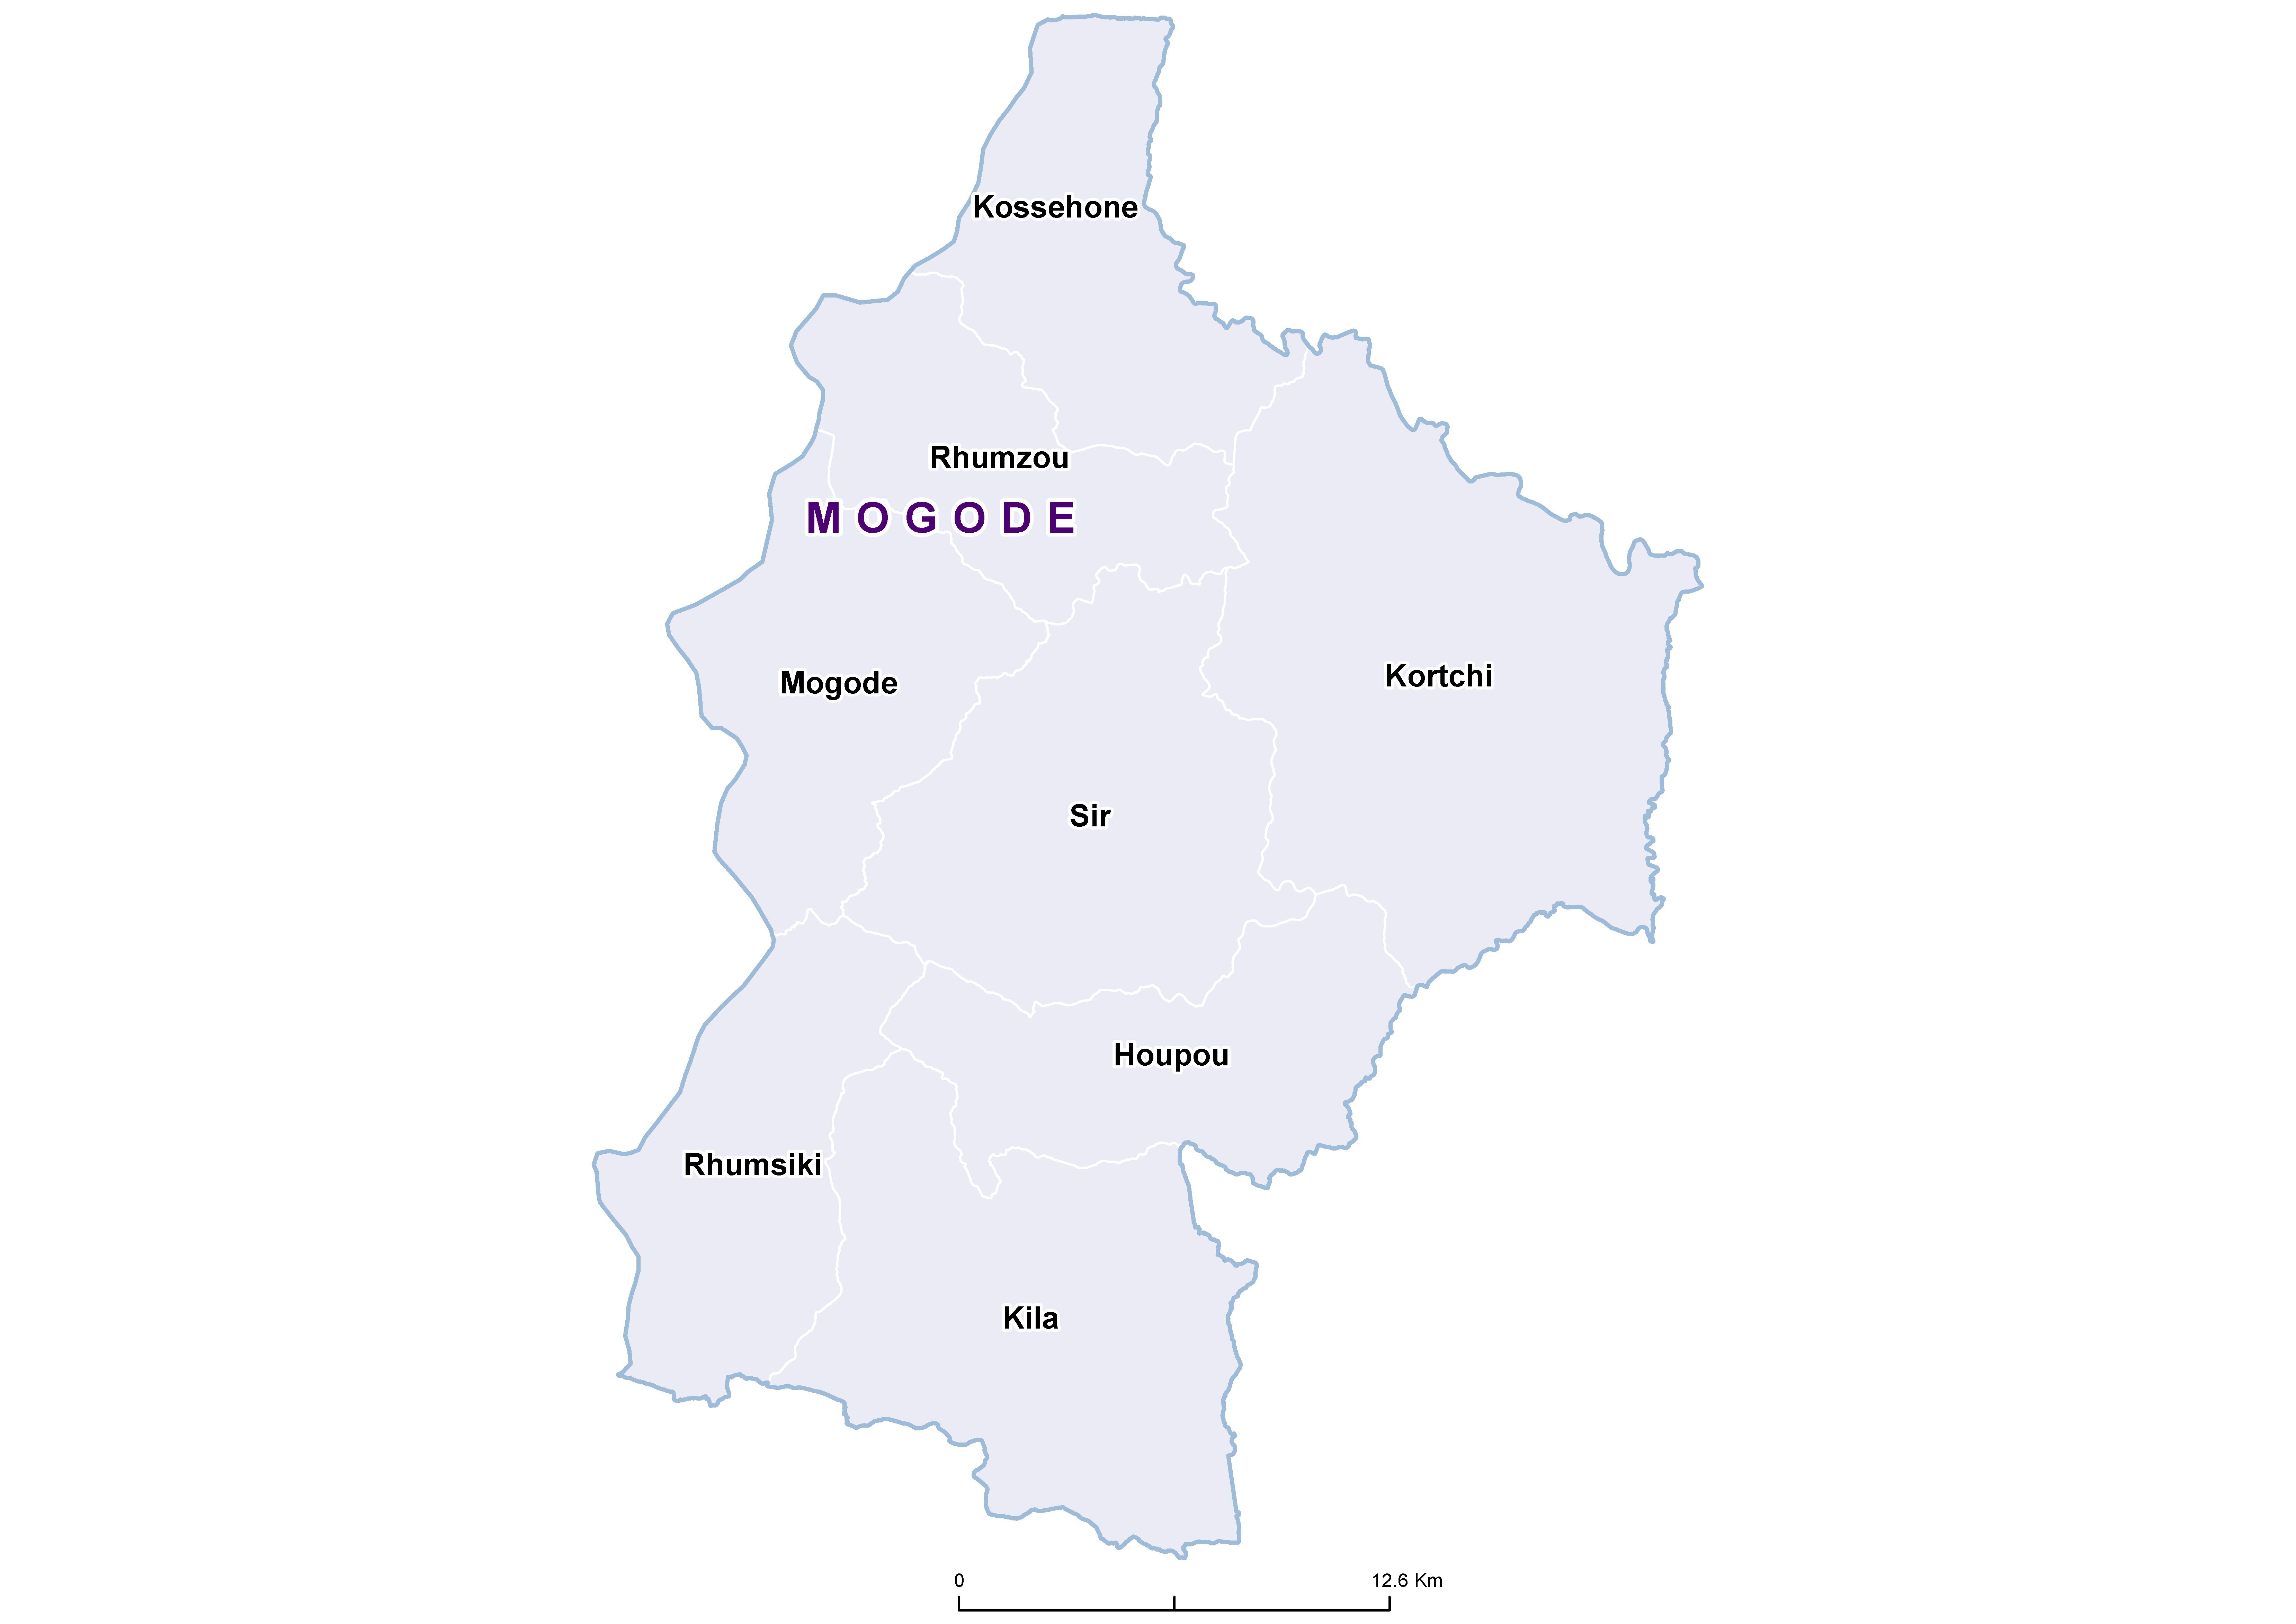 Mogode STH 20180001